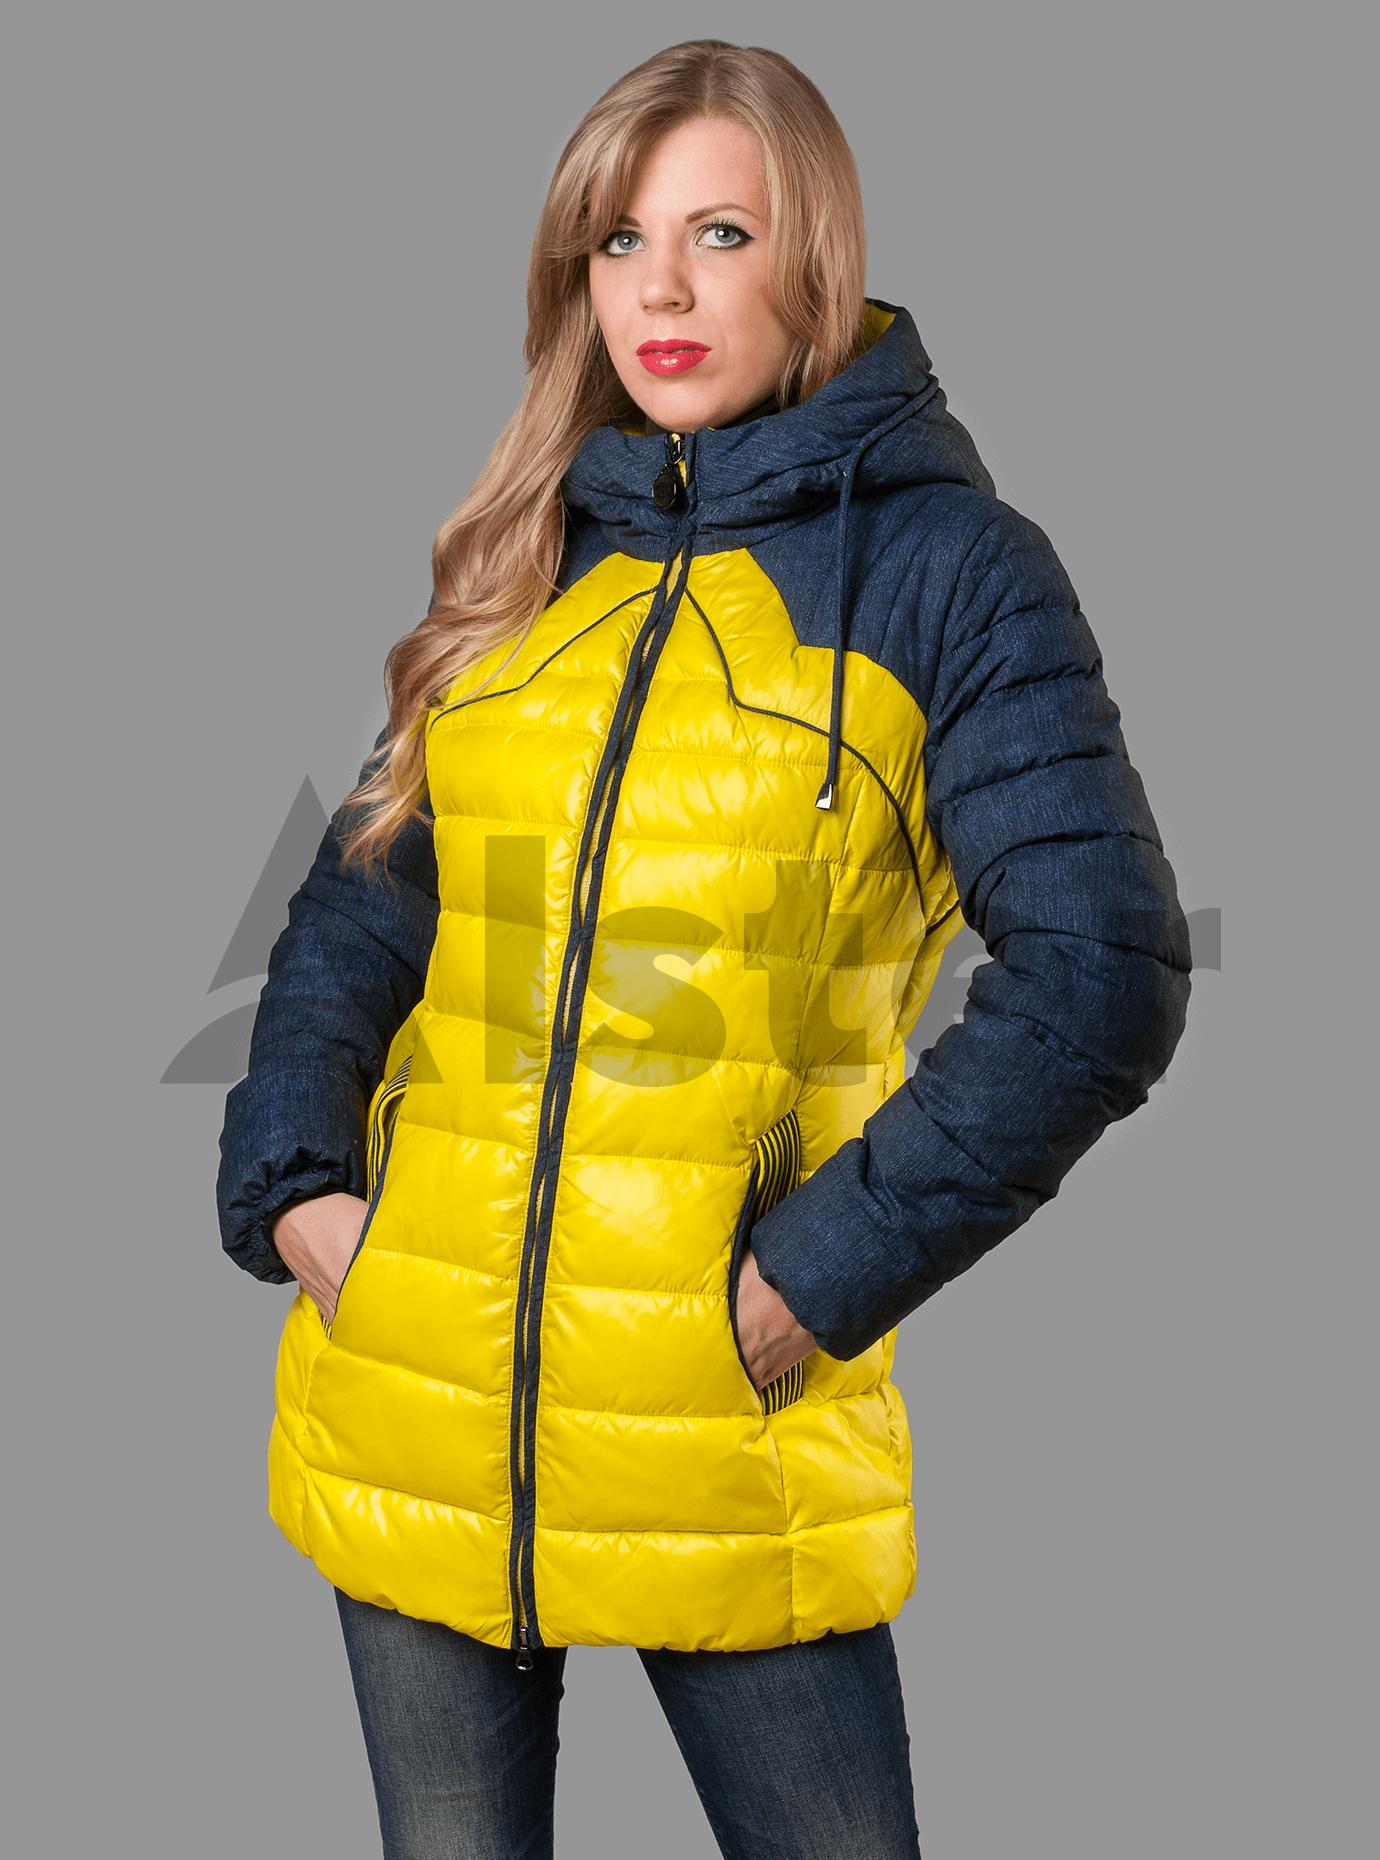 Куртка зимняя женская Жёлтый S (01-RR16013): фото - Alster.ua